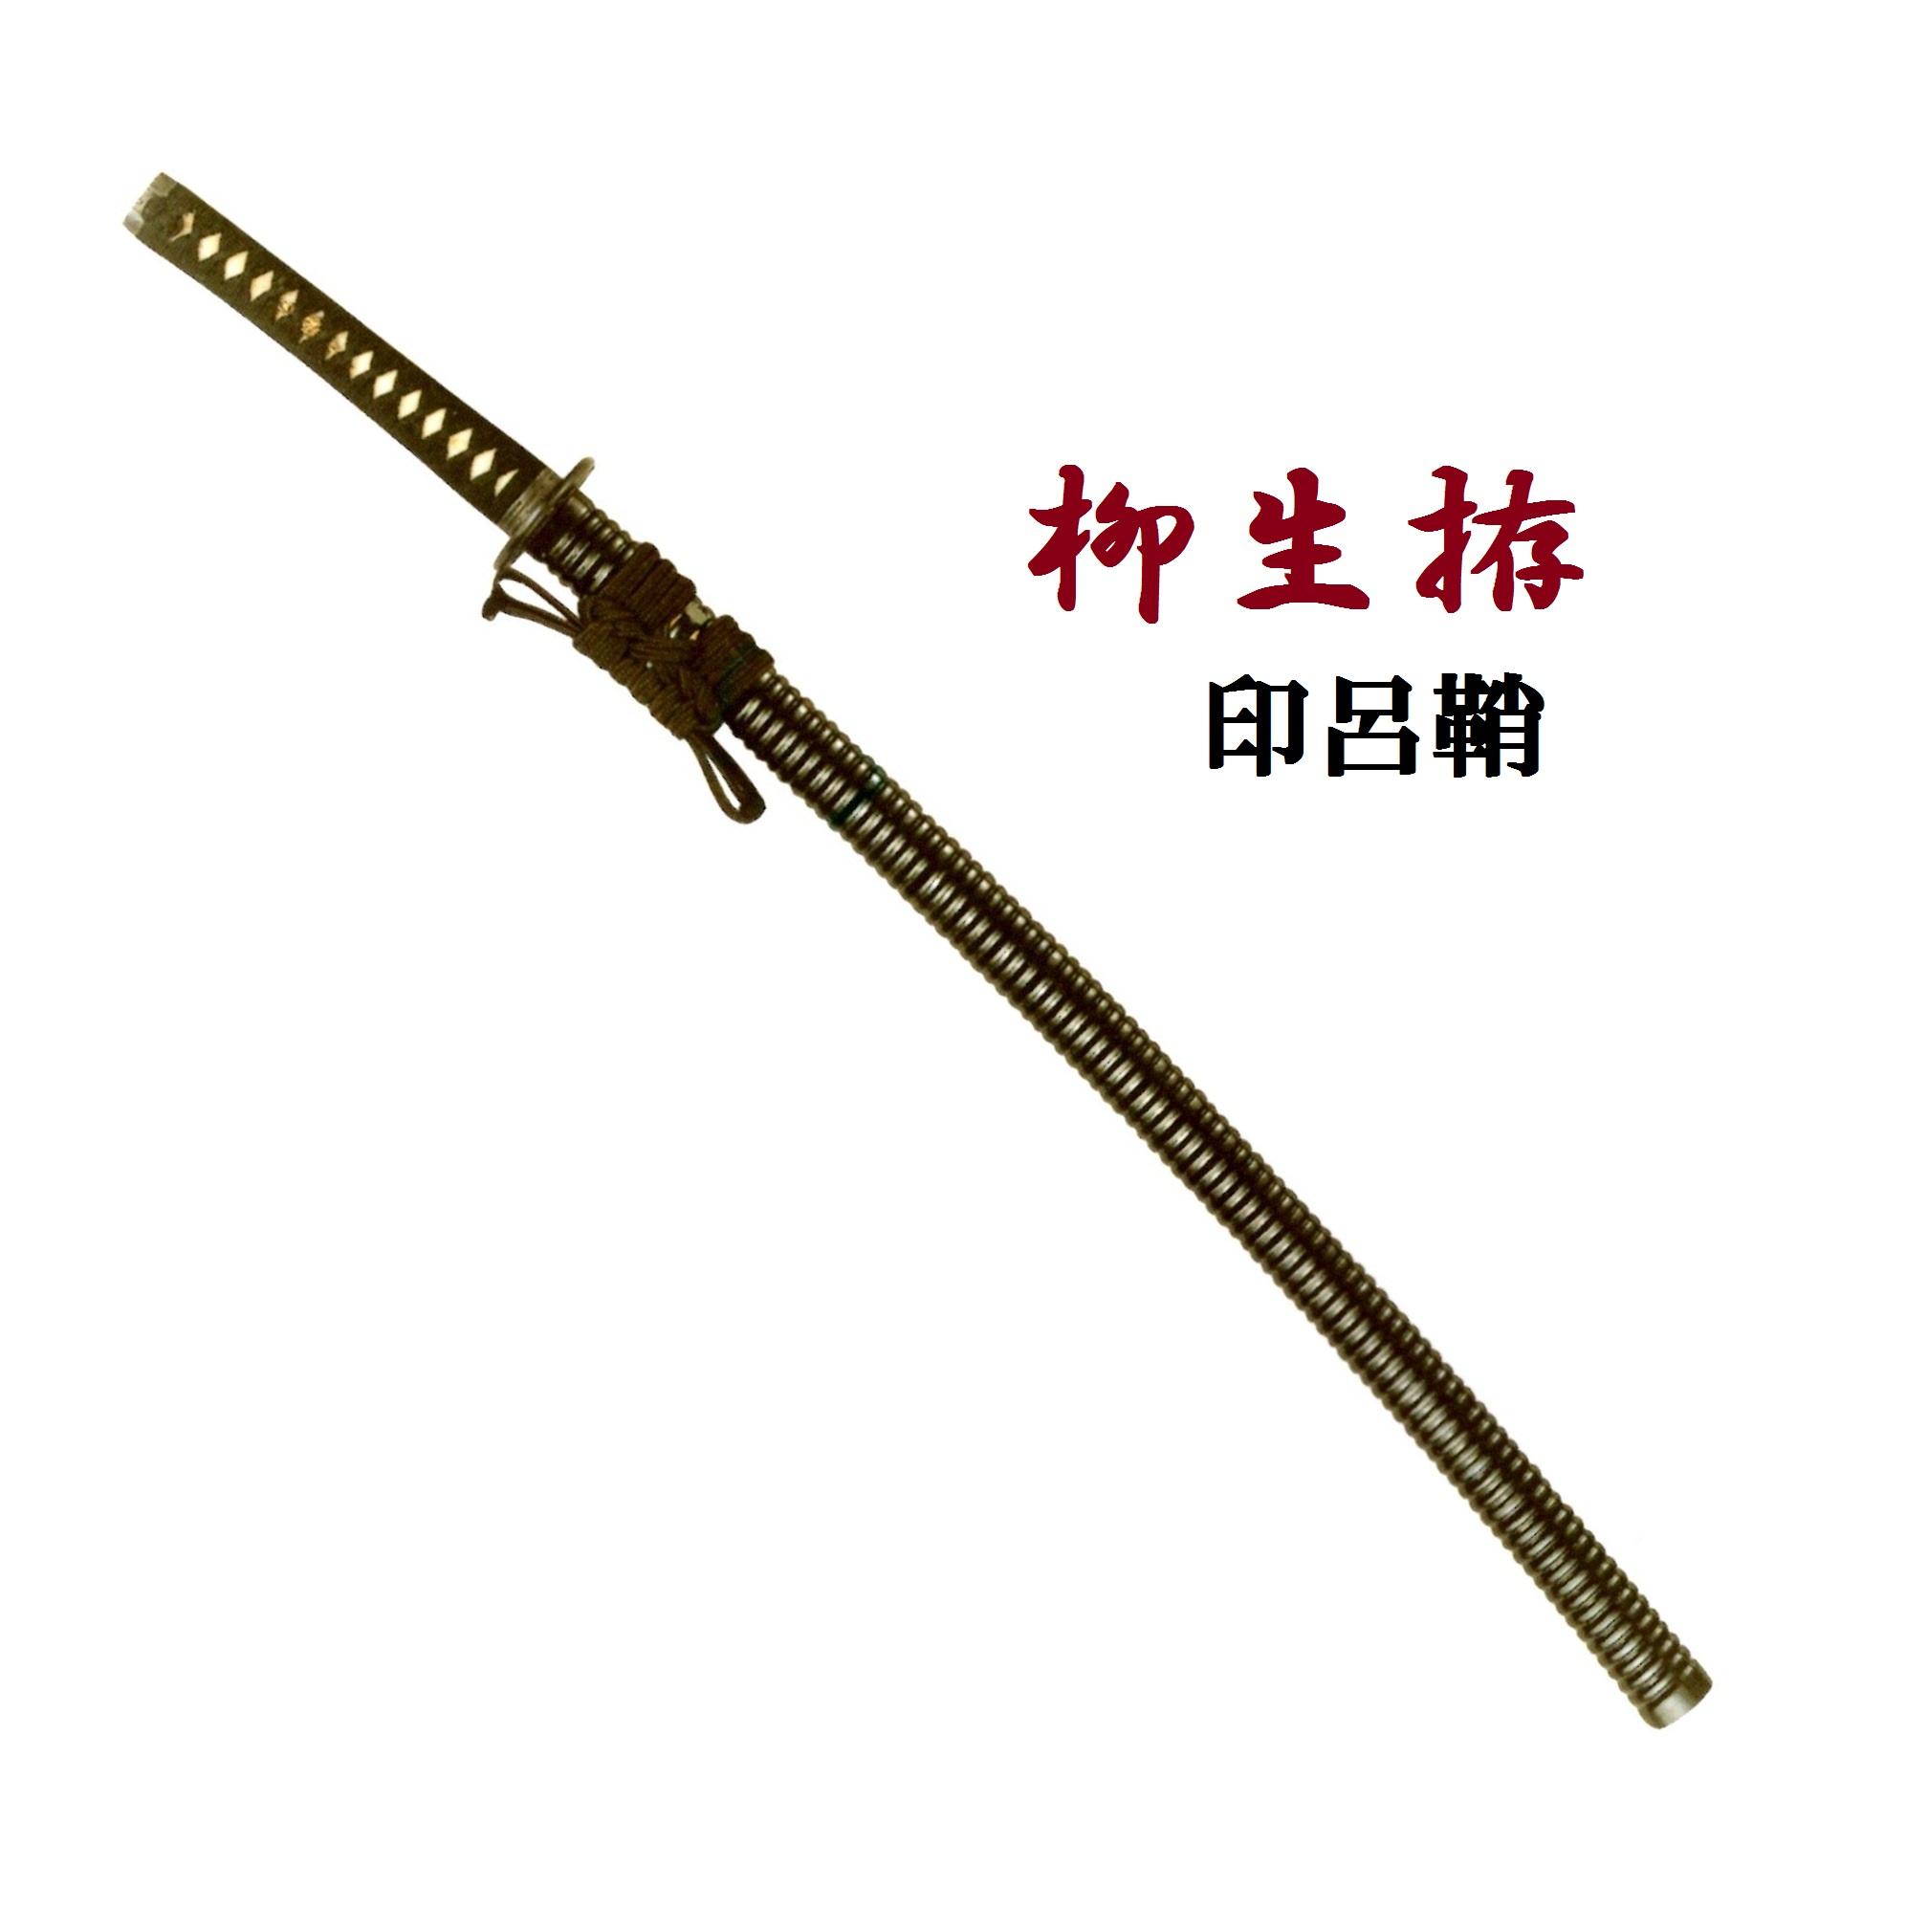 柳 生 拵 (〜840g)